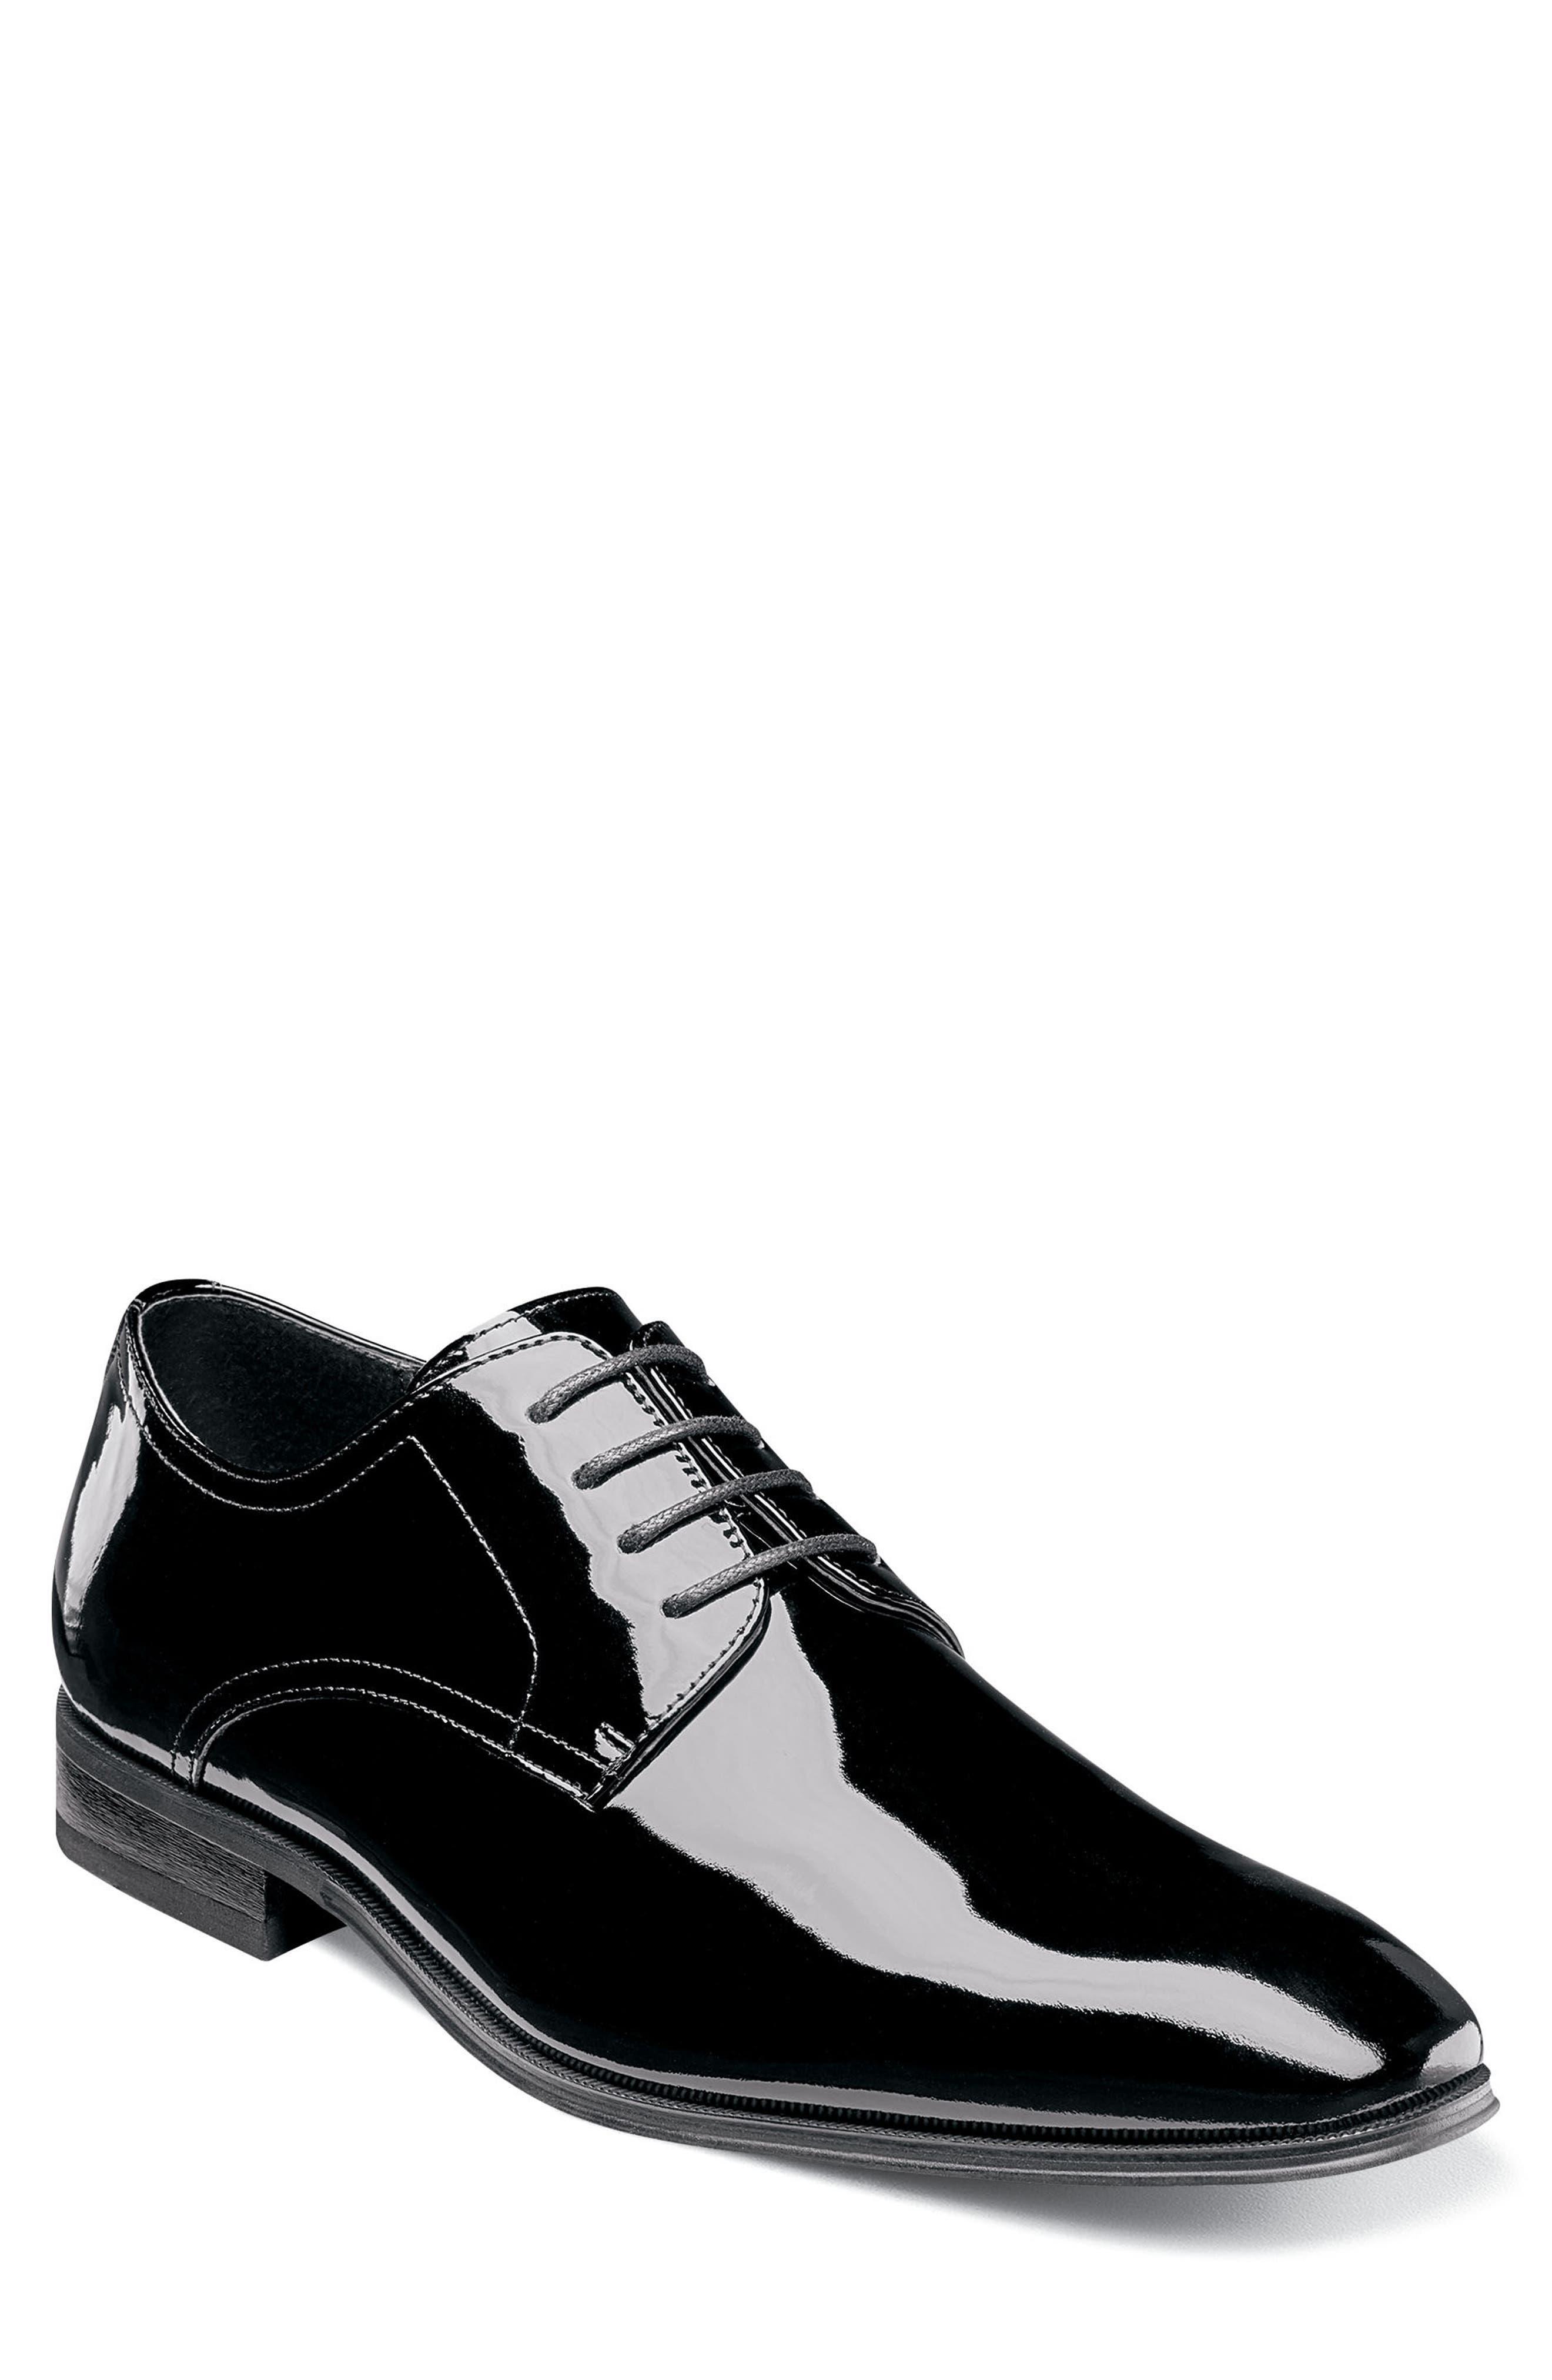 FLORSHEIM Tux Plain Toe Derby, Main, color, BLACK PATENT LEATHER